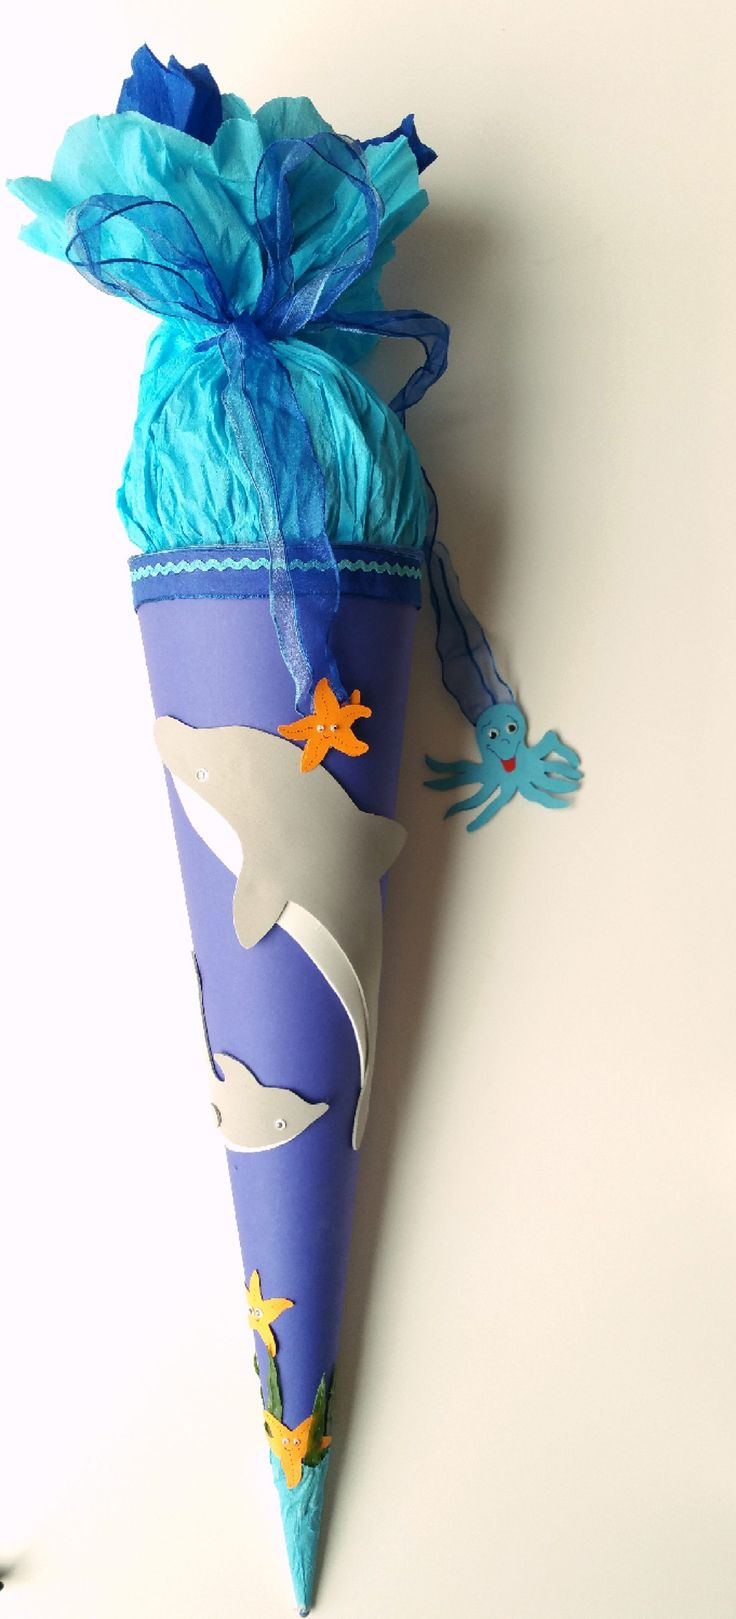 Delfin-Schultüte basteln zur Einschulung, ausführliche Anleitung zum Basteln der Schultüte. Delfin-Schultüte zum Schulanfang selber basteln mit Vorlagen.